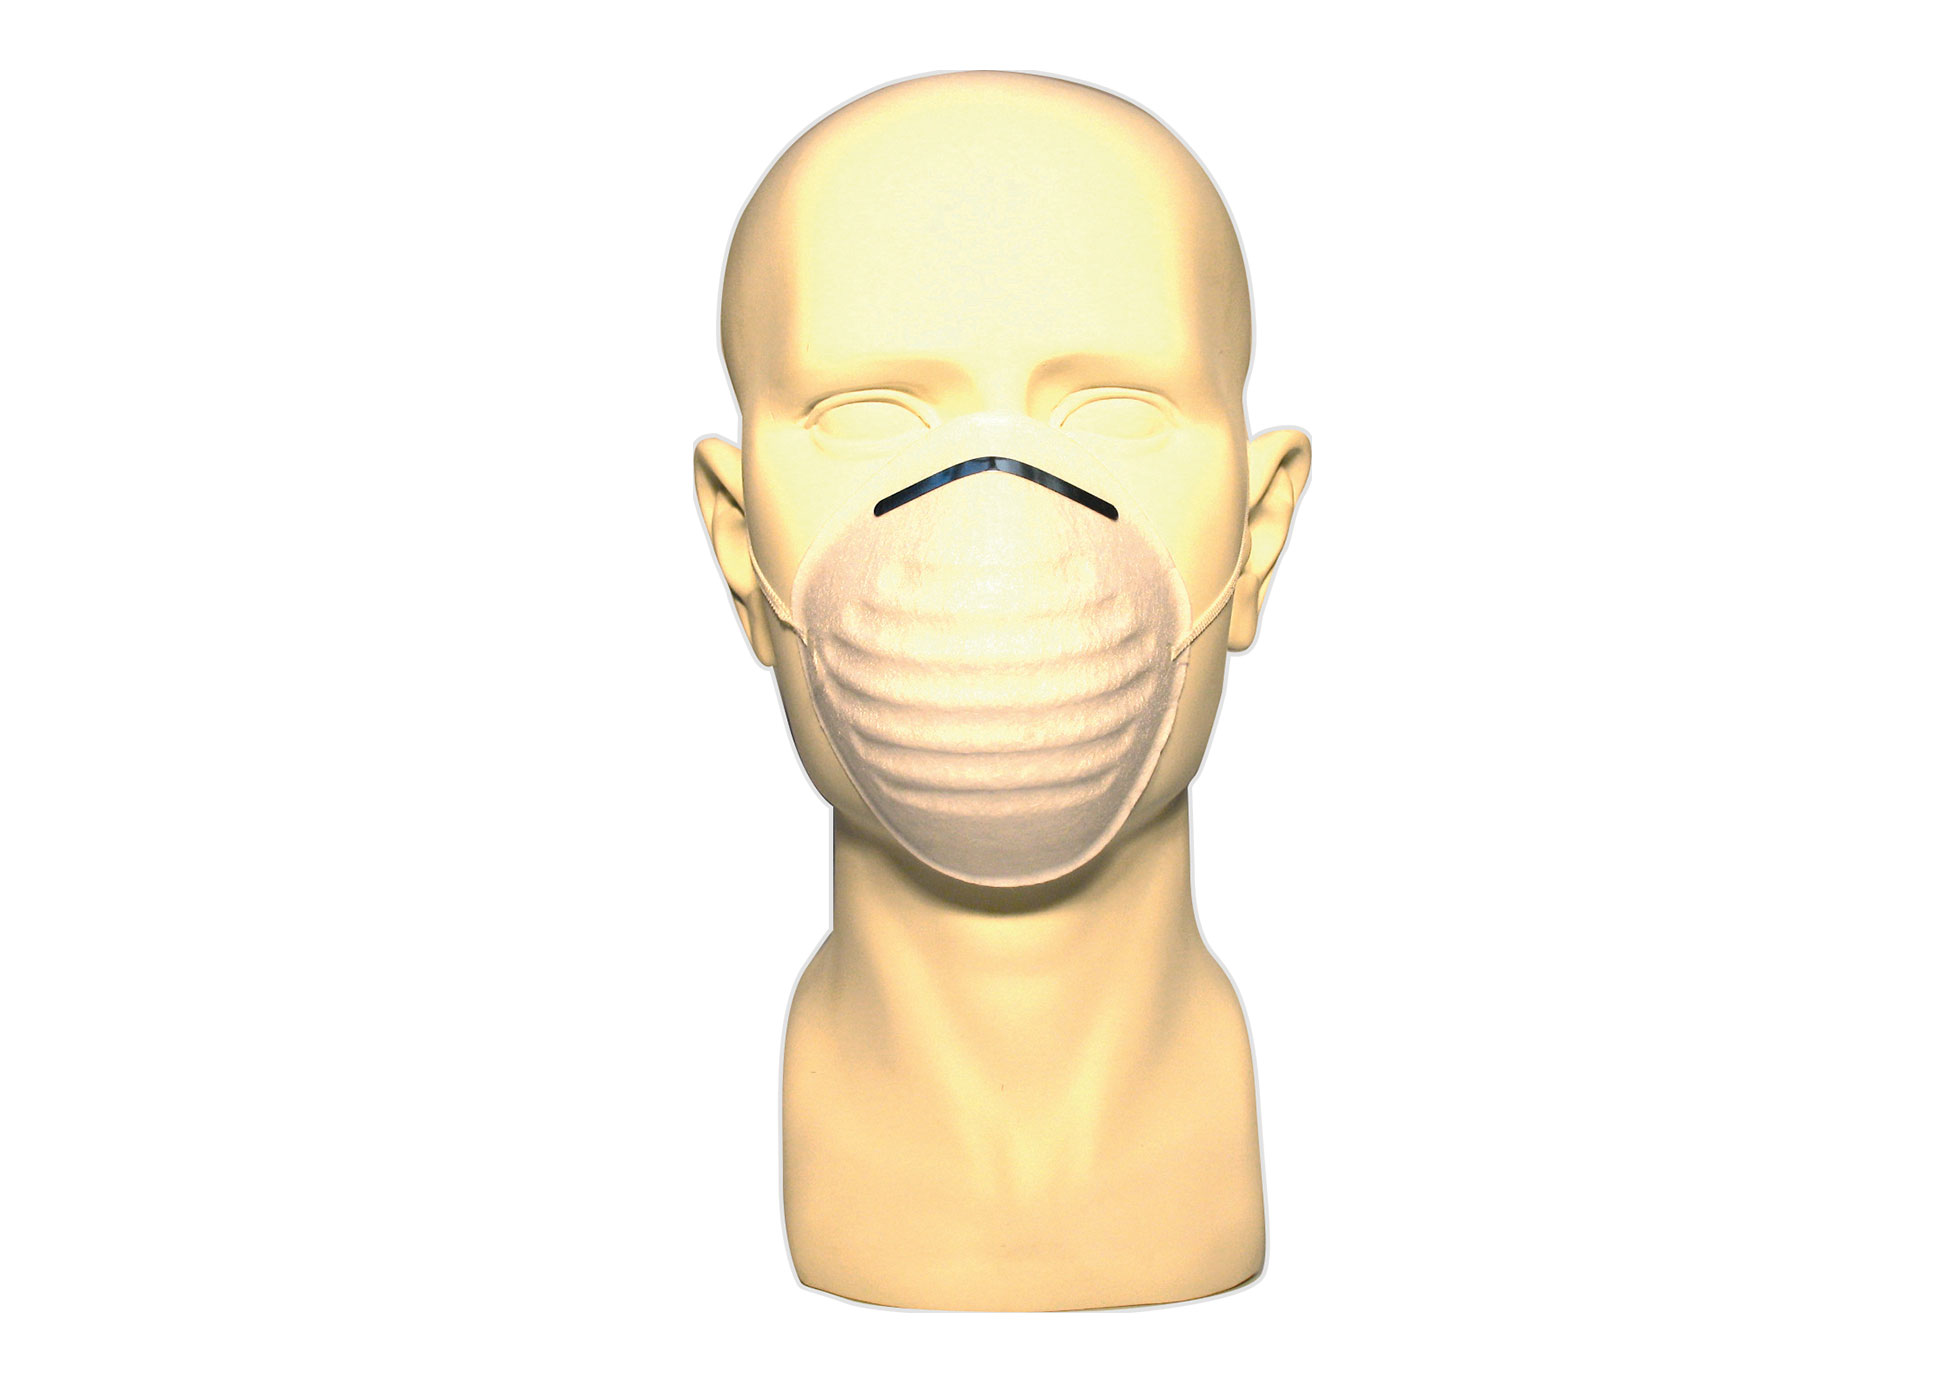 Moulded Fibre Mask - Box of 50 - Face Masks / Masks